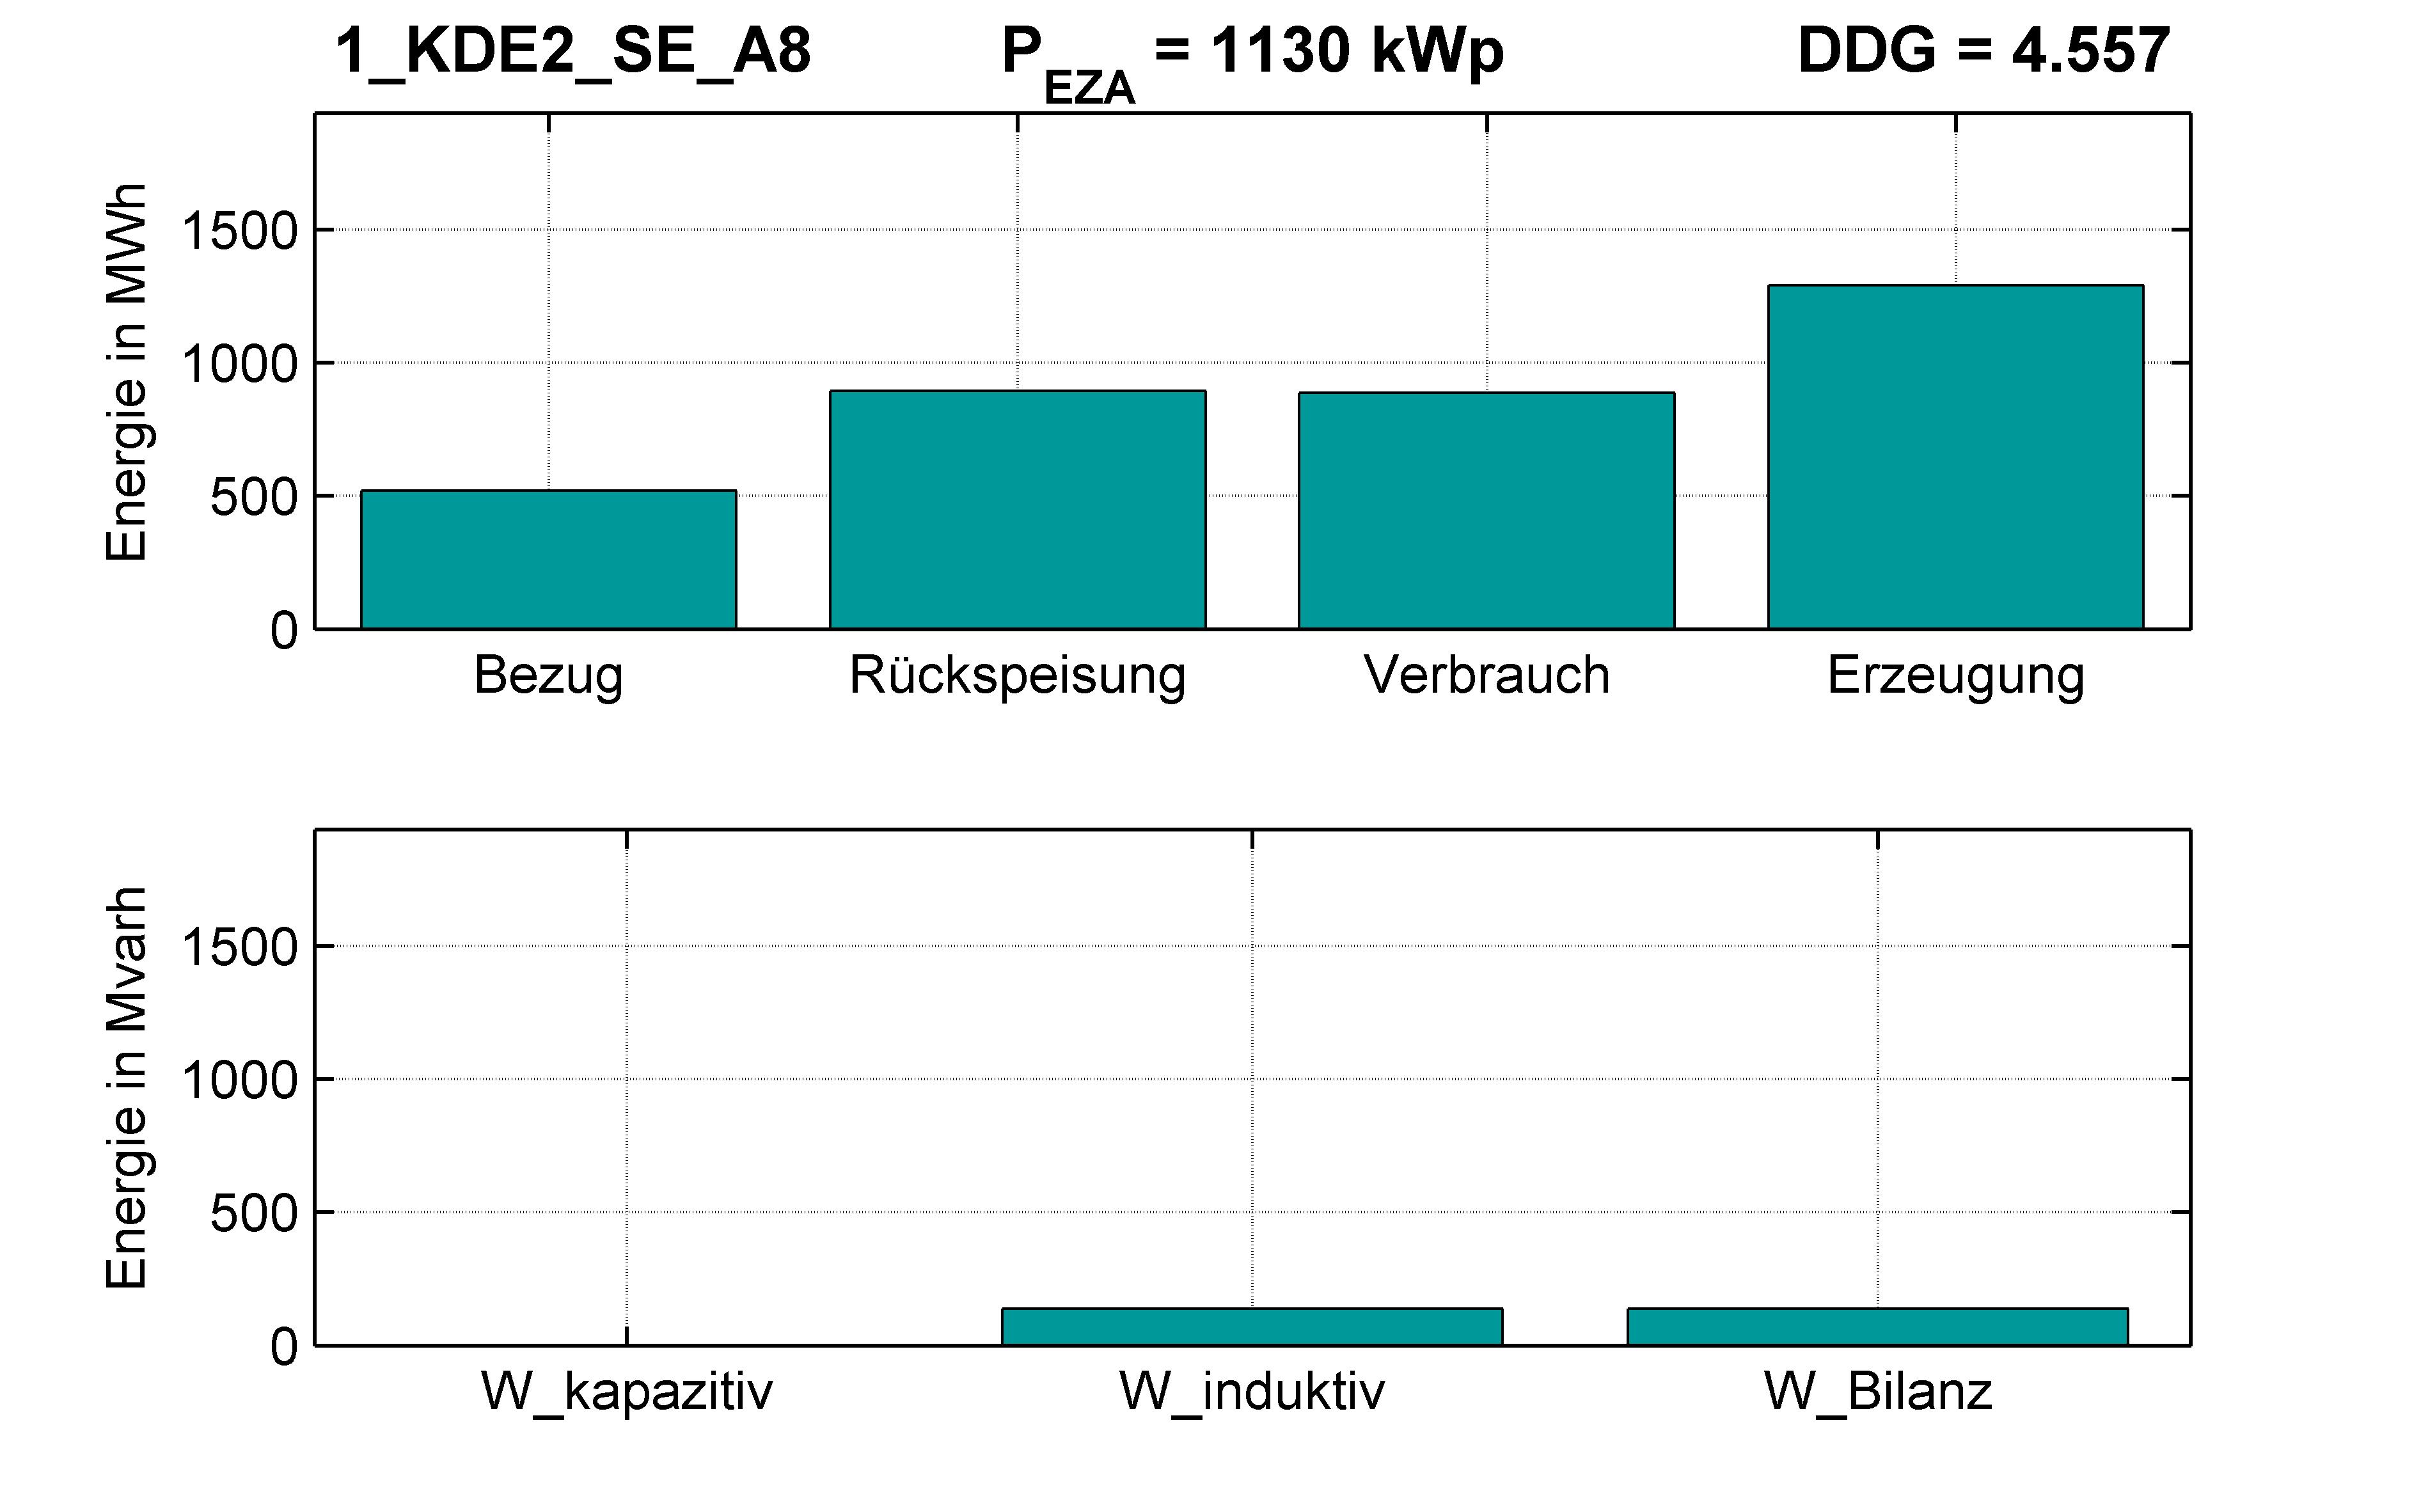 KDE2 | KABEL (SE) A8 | PQ-Bilanz